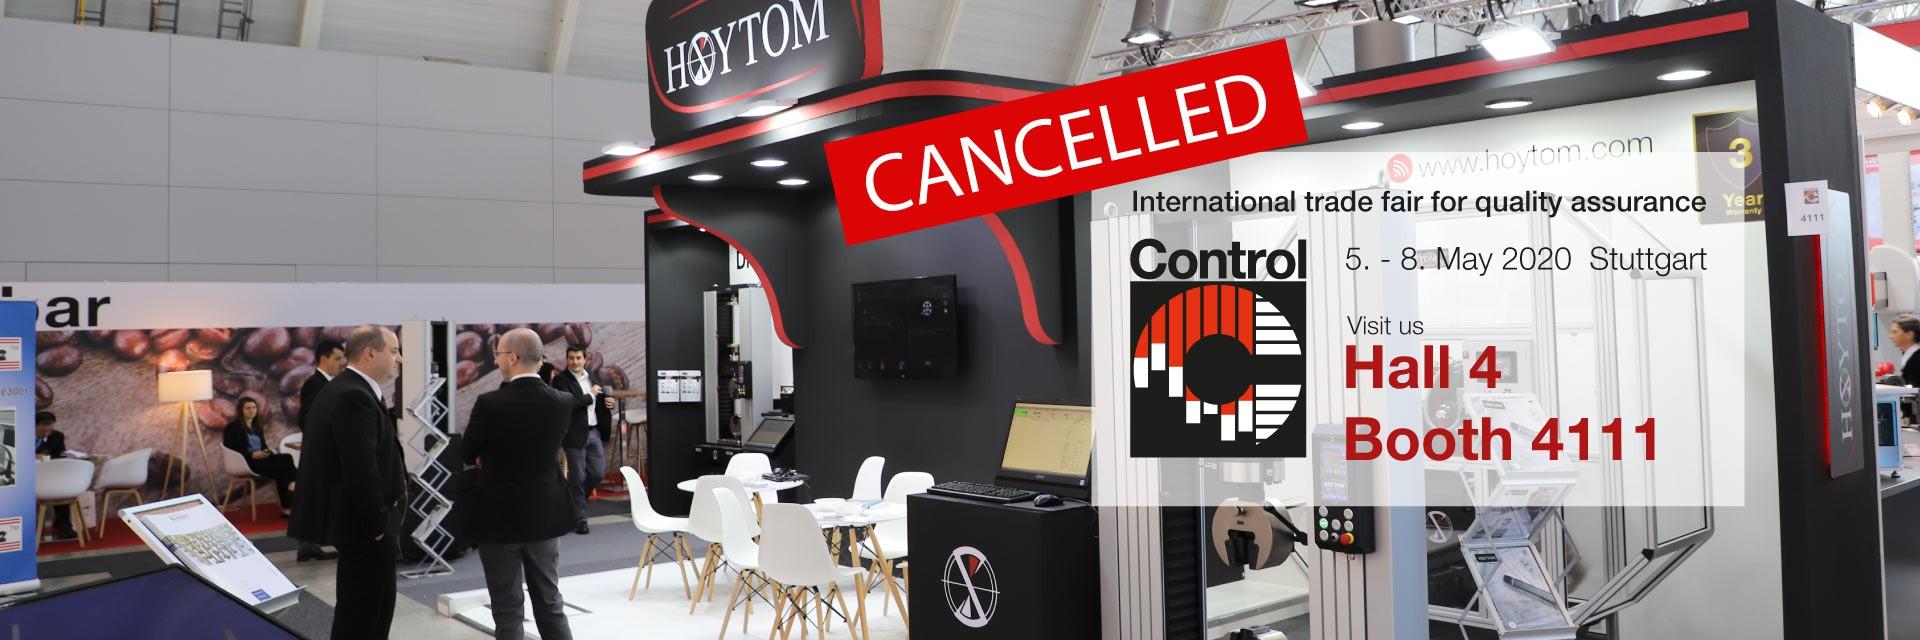 hoytom_control-stuttgart_1920x640